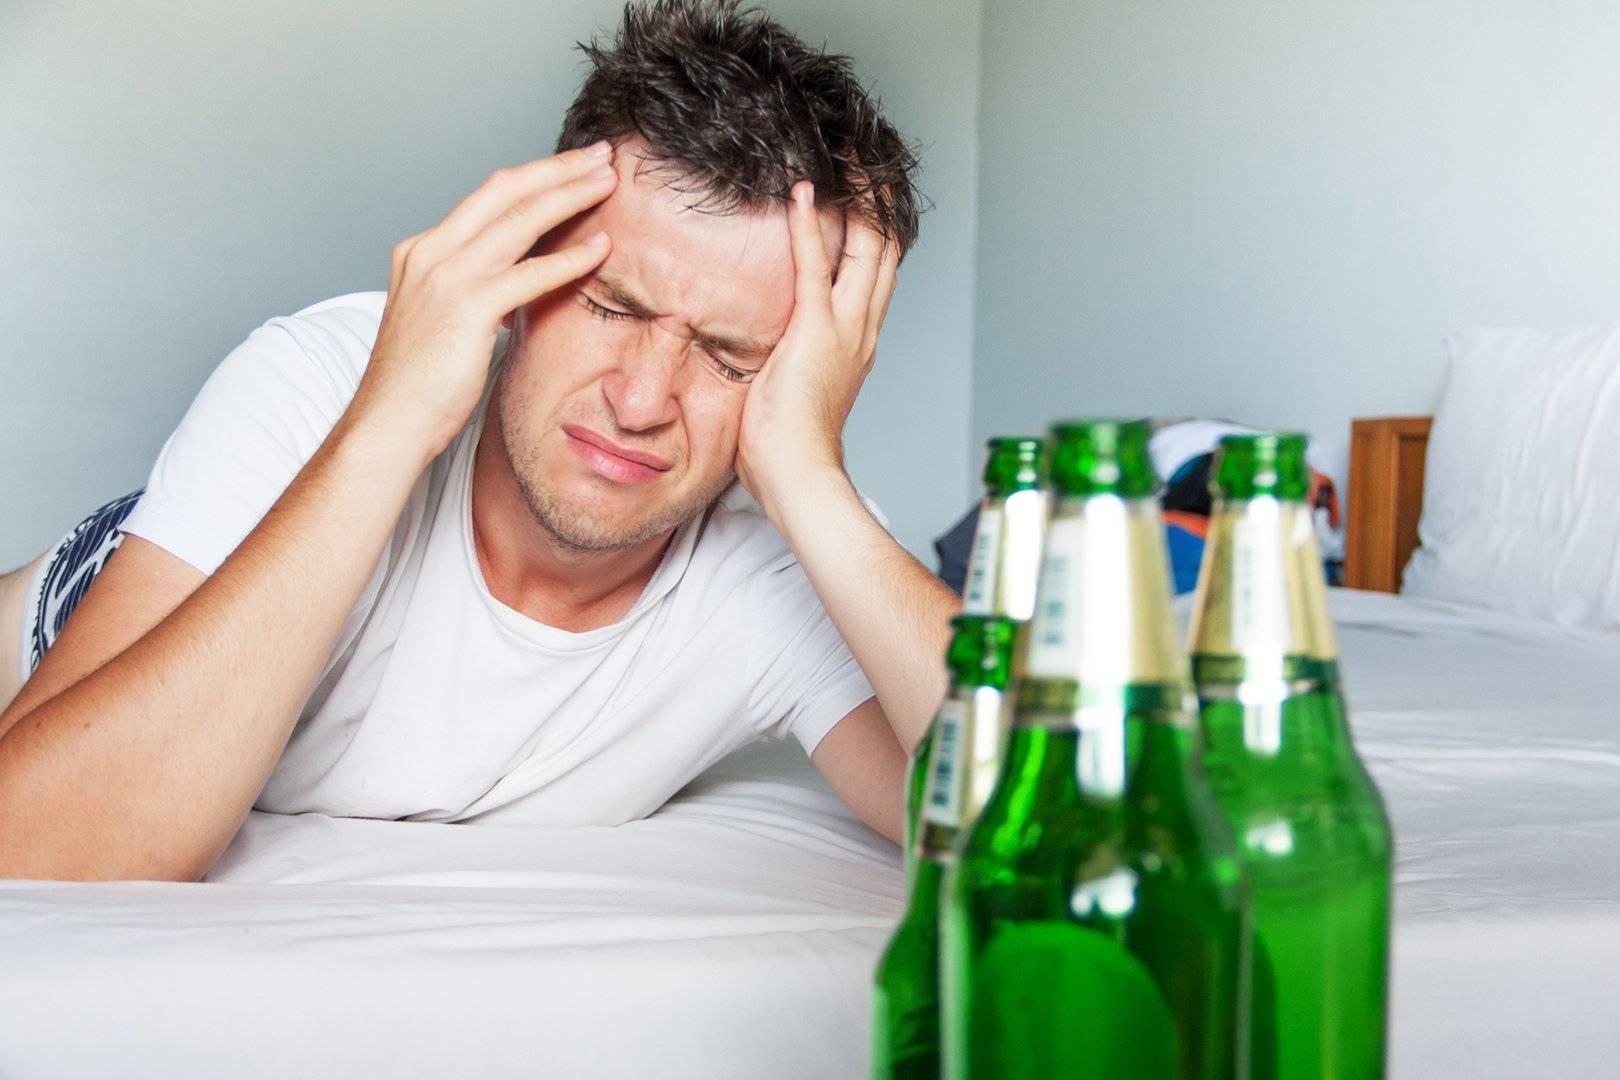 Почему болят глаза после алкоголя и может ли это привести к слепоте?